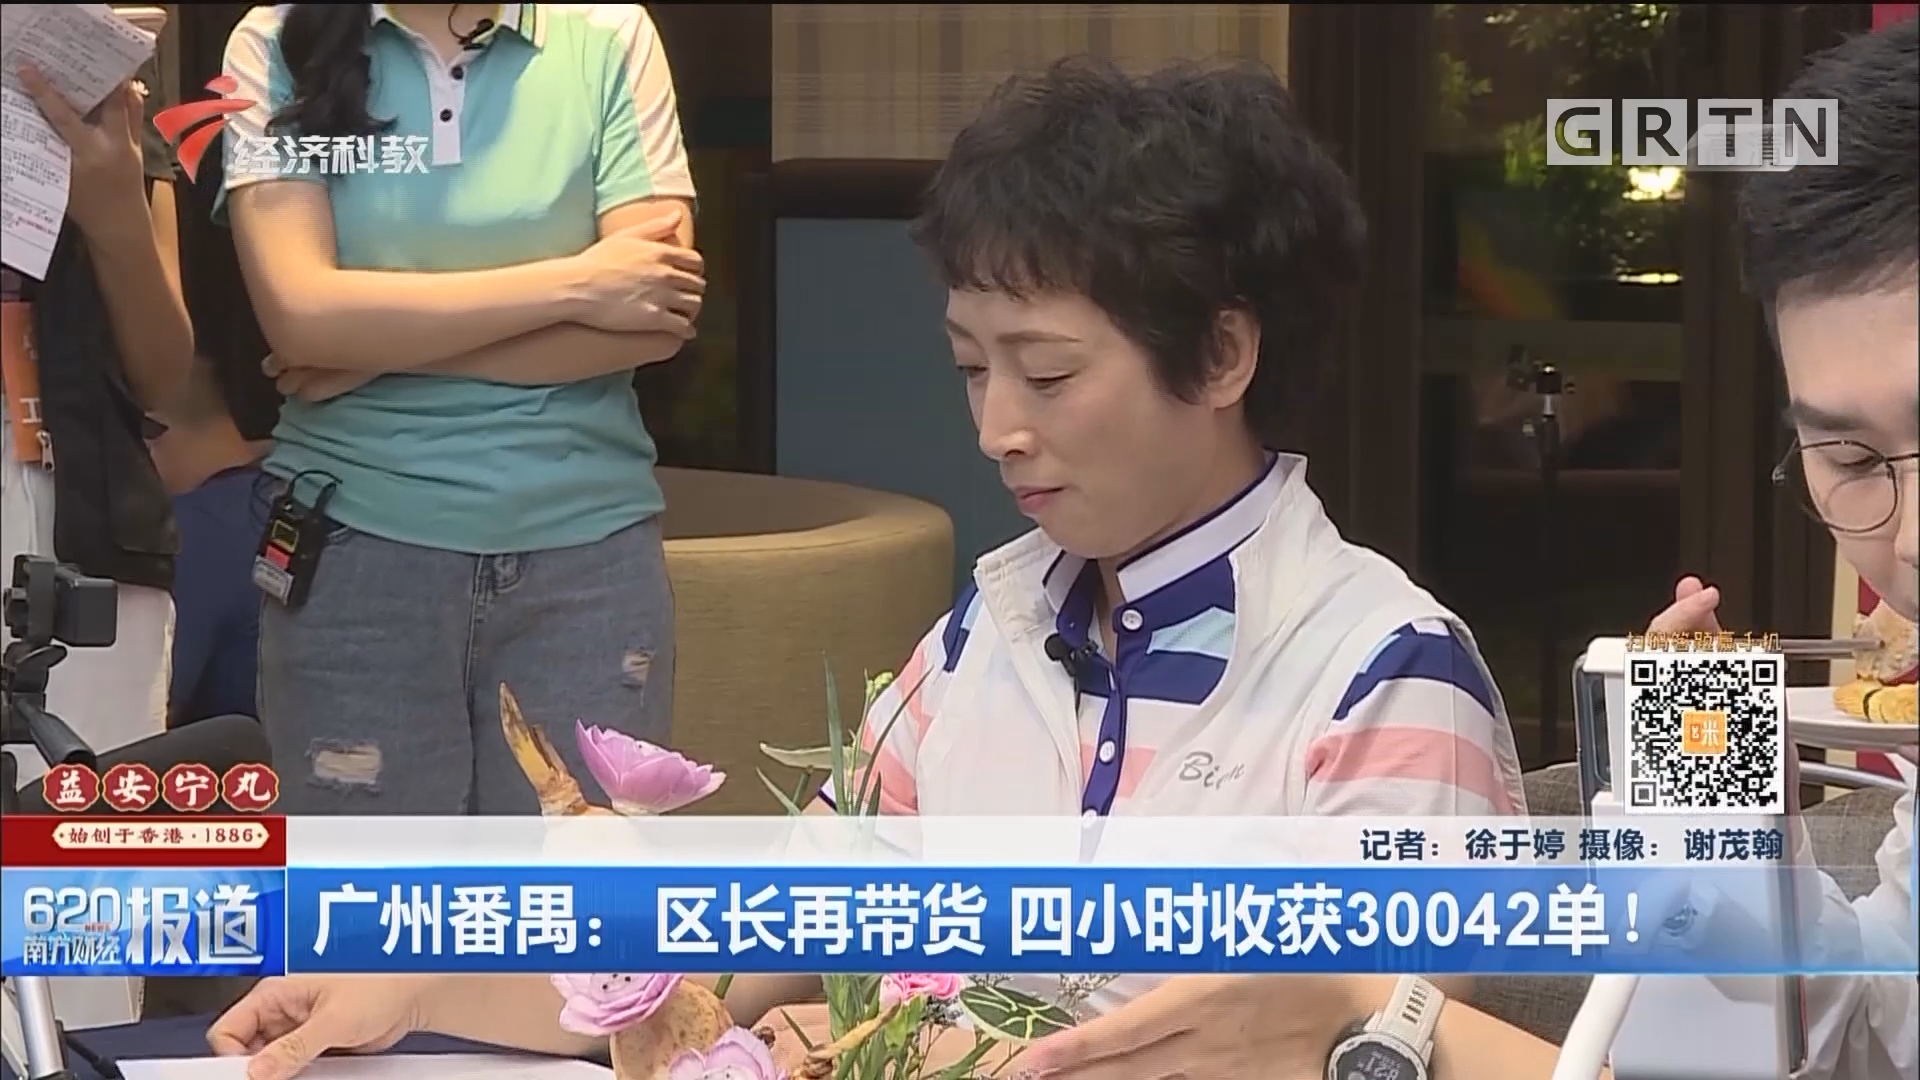 广州番禺:区长再带货 四小时收获30042单!